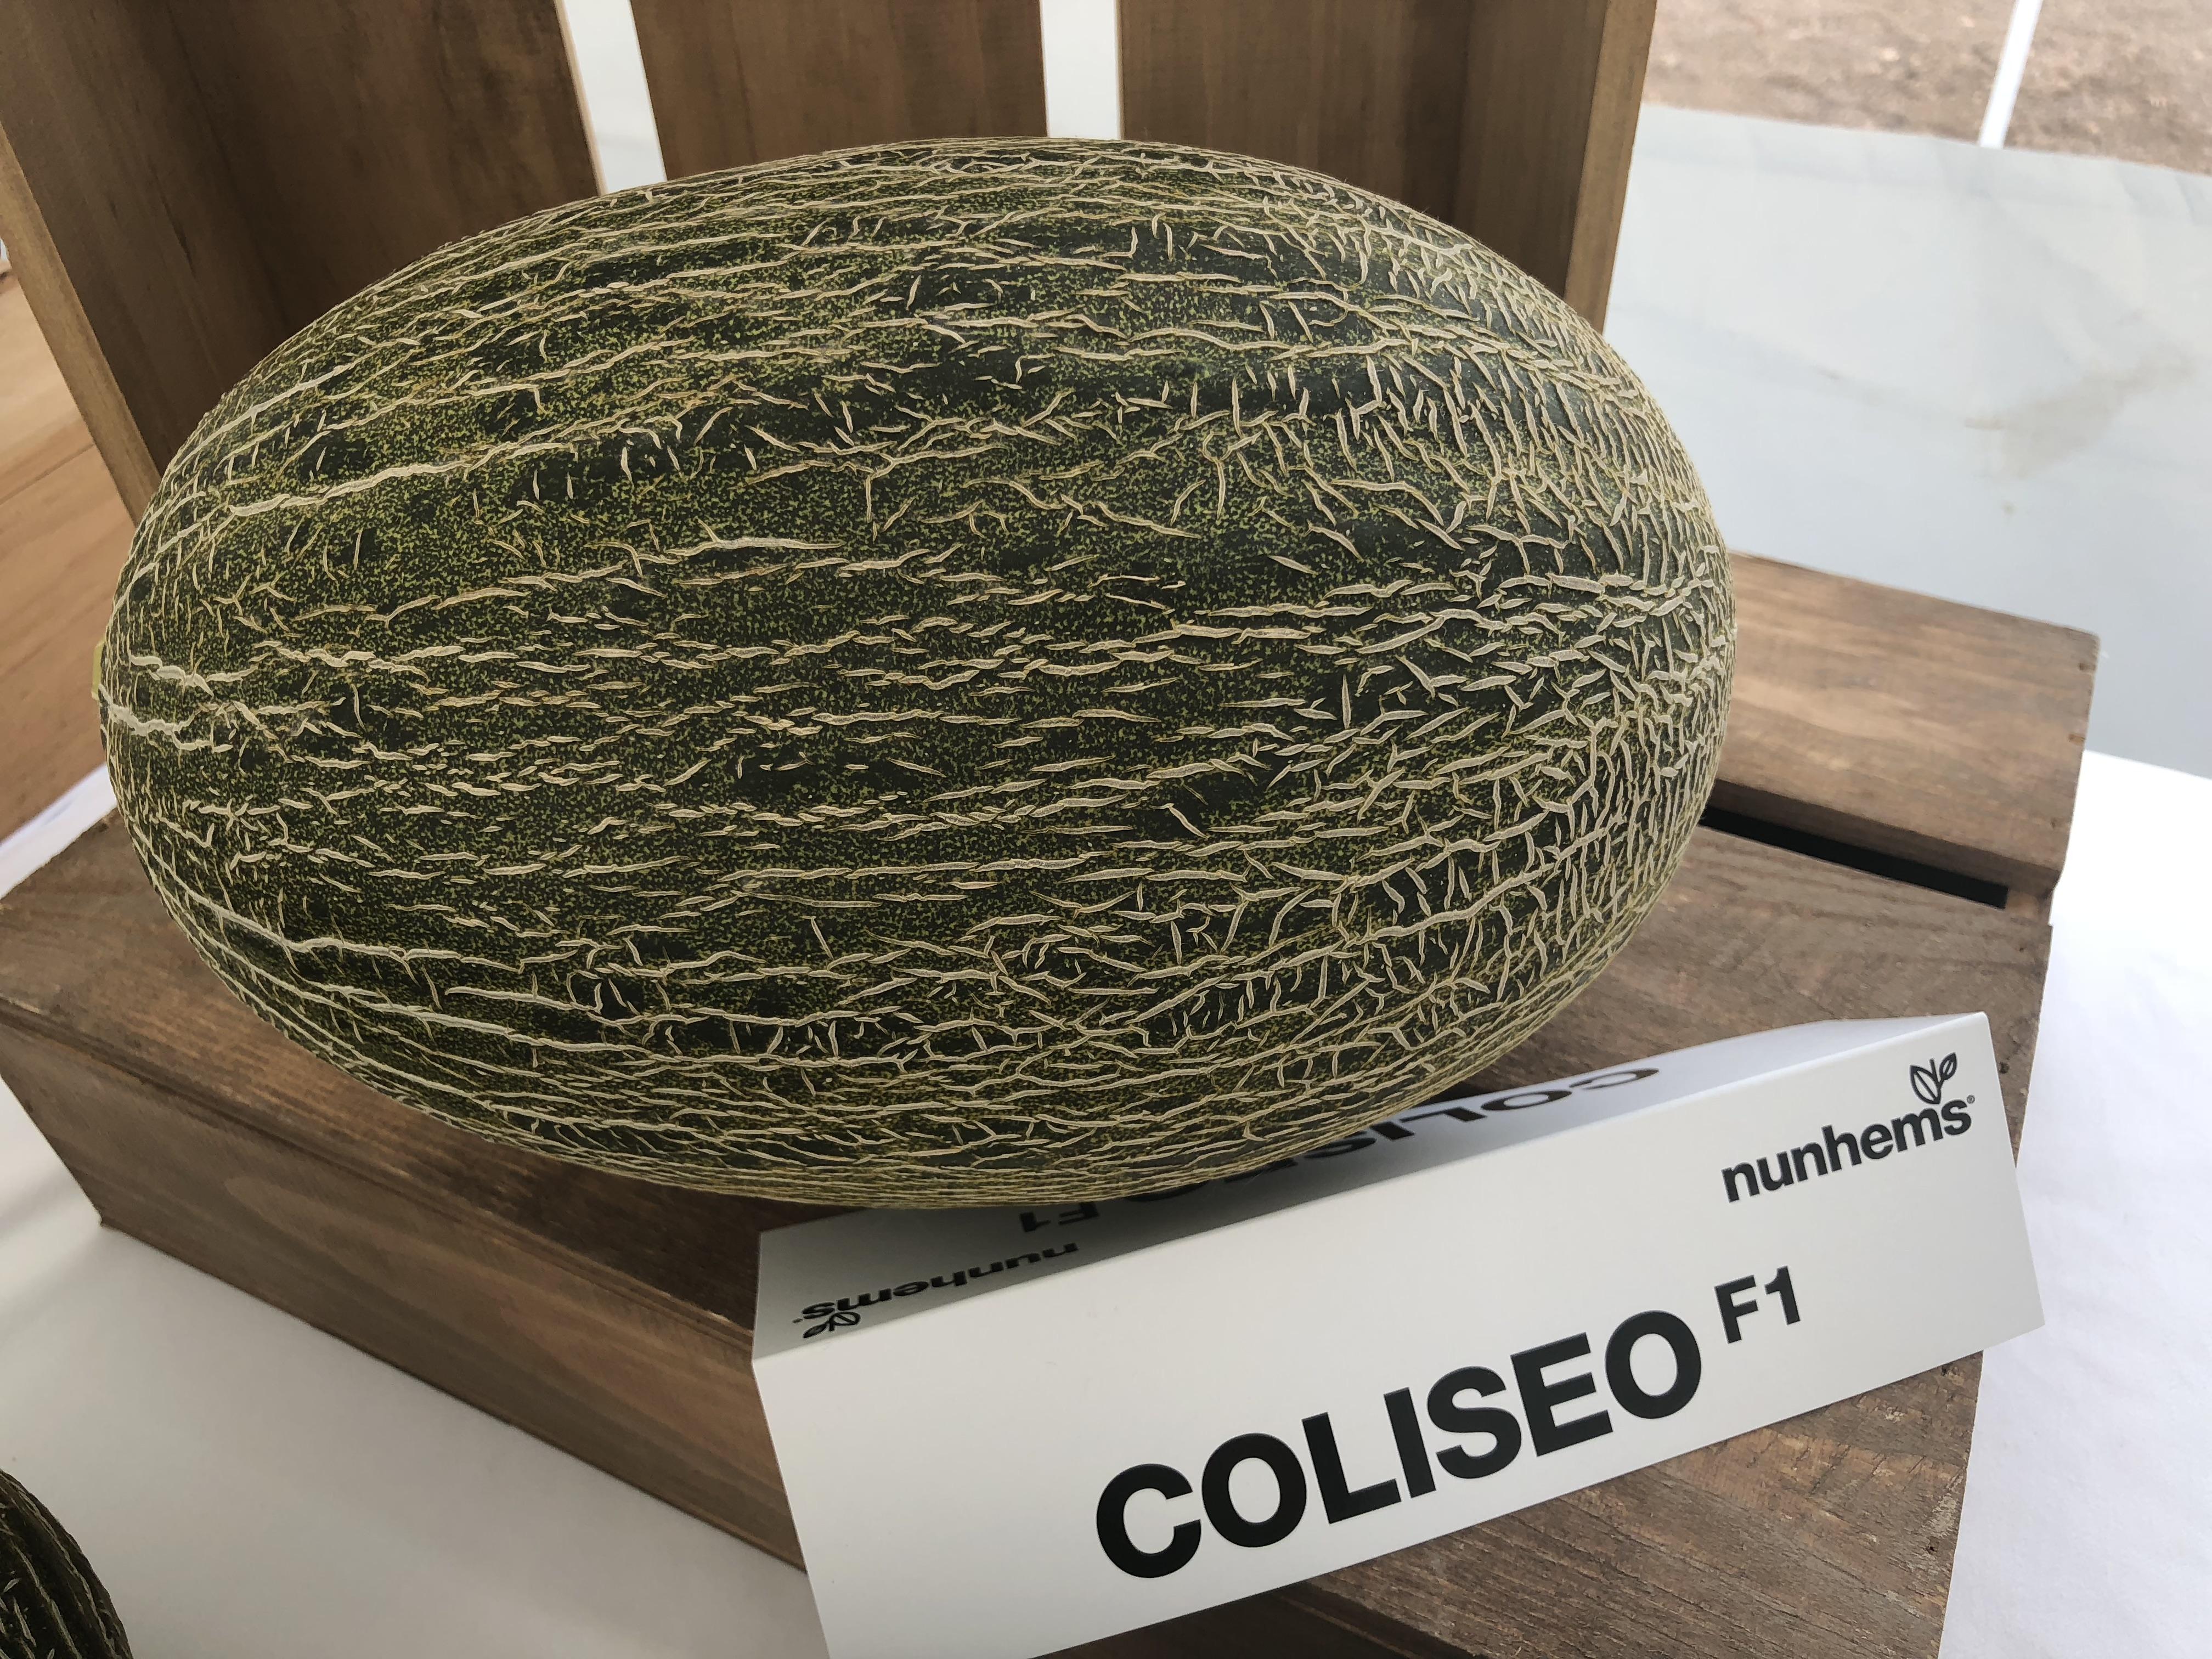 melón piel de sapo Coliseo F1 nunhems